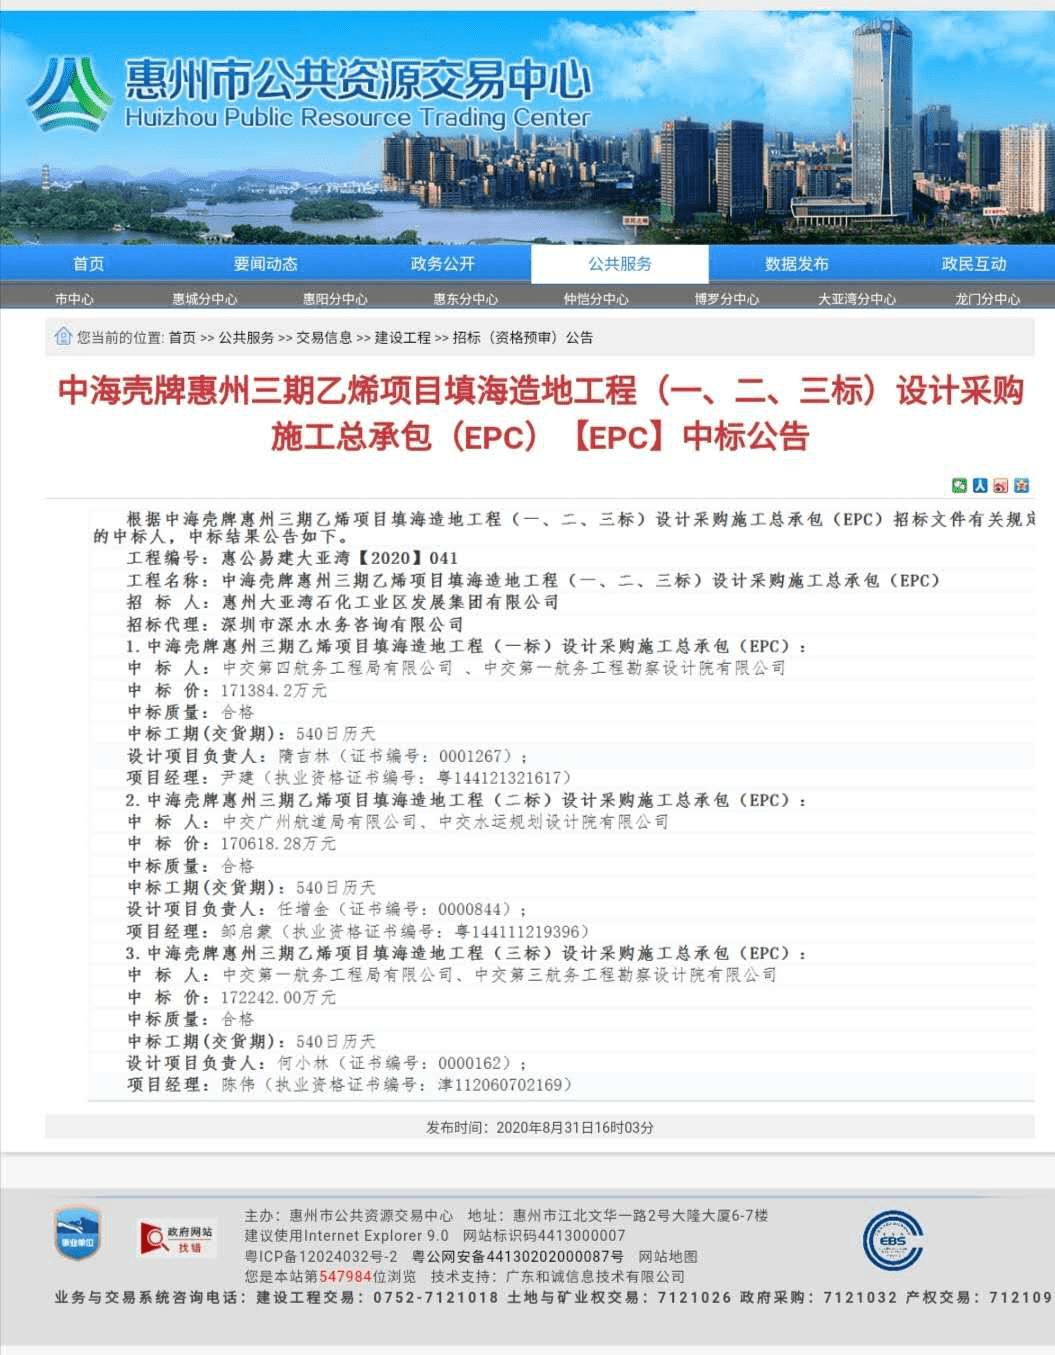 中交第四航务工程局被曝在停业整顿期间违规参与招投标并违法中标